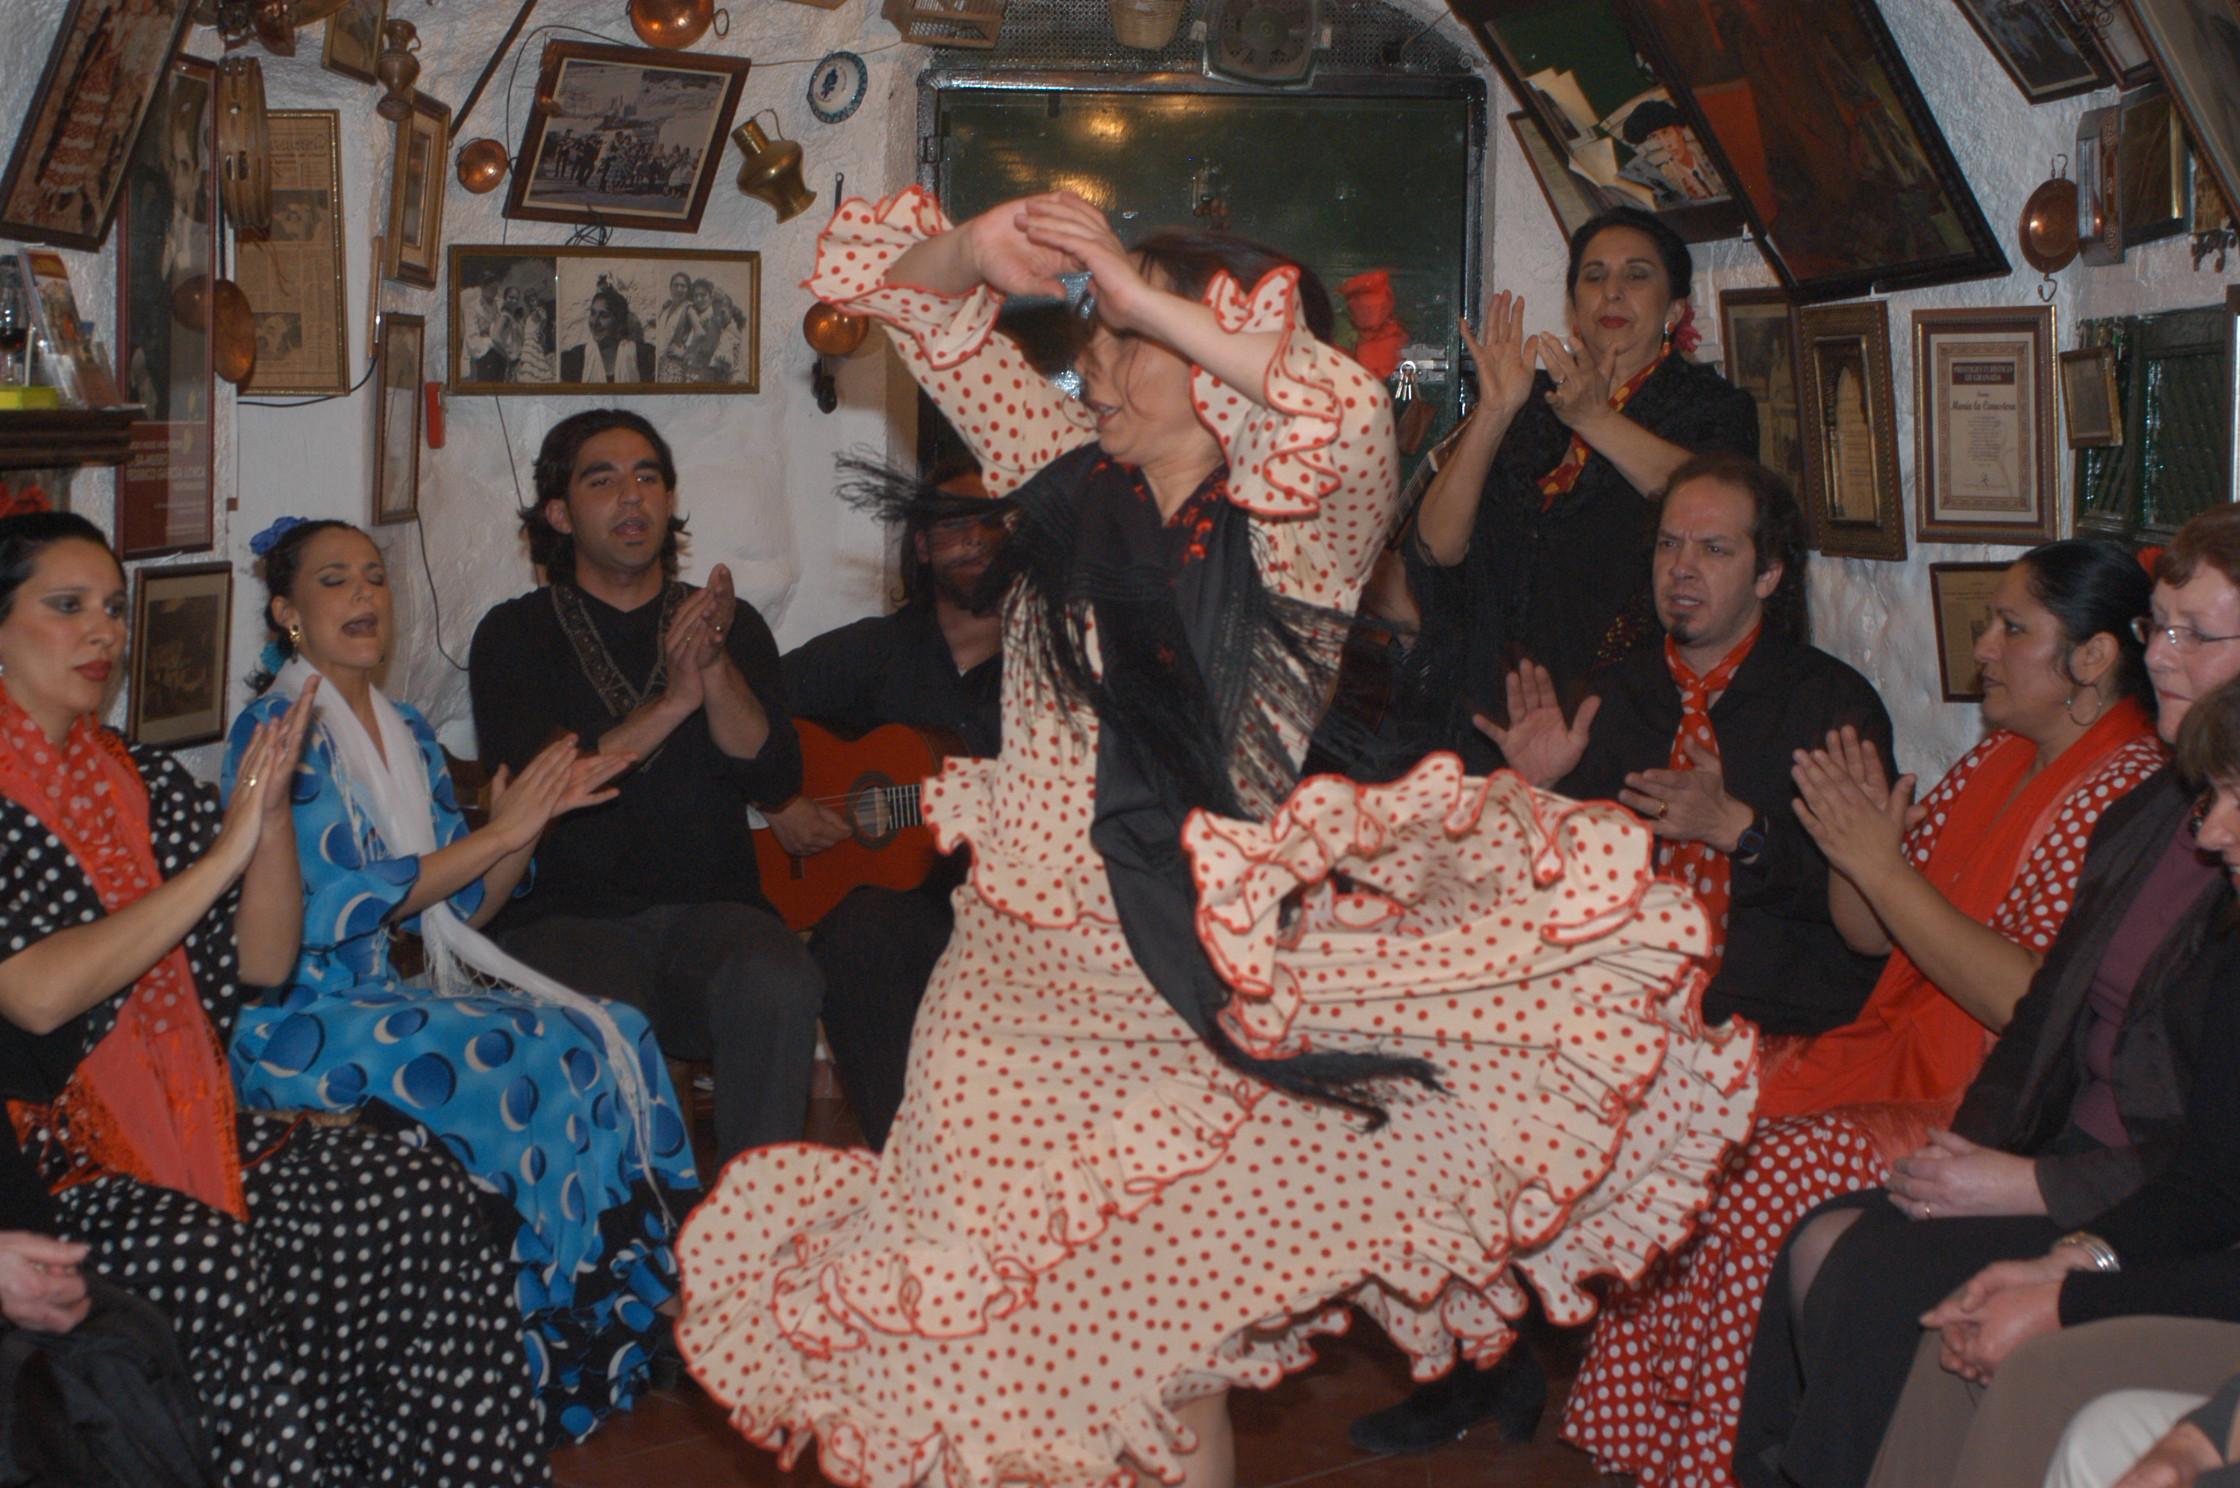 Yolanda, autentico baile gitano